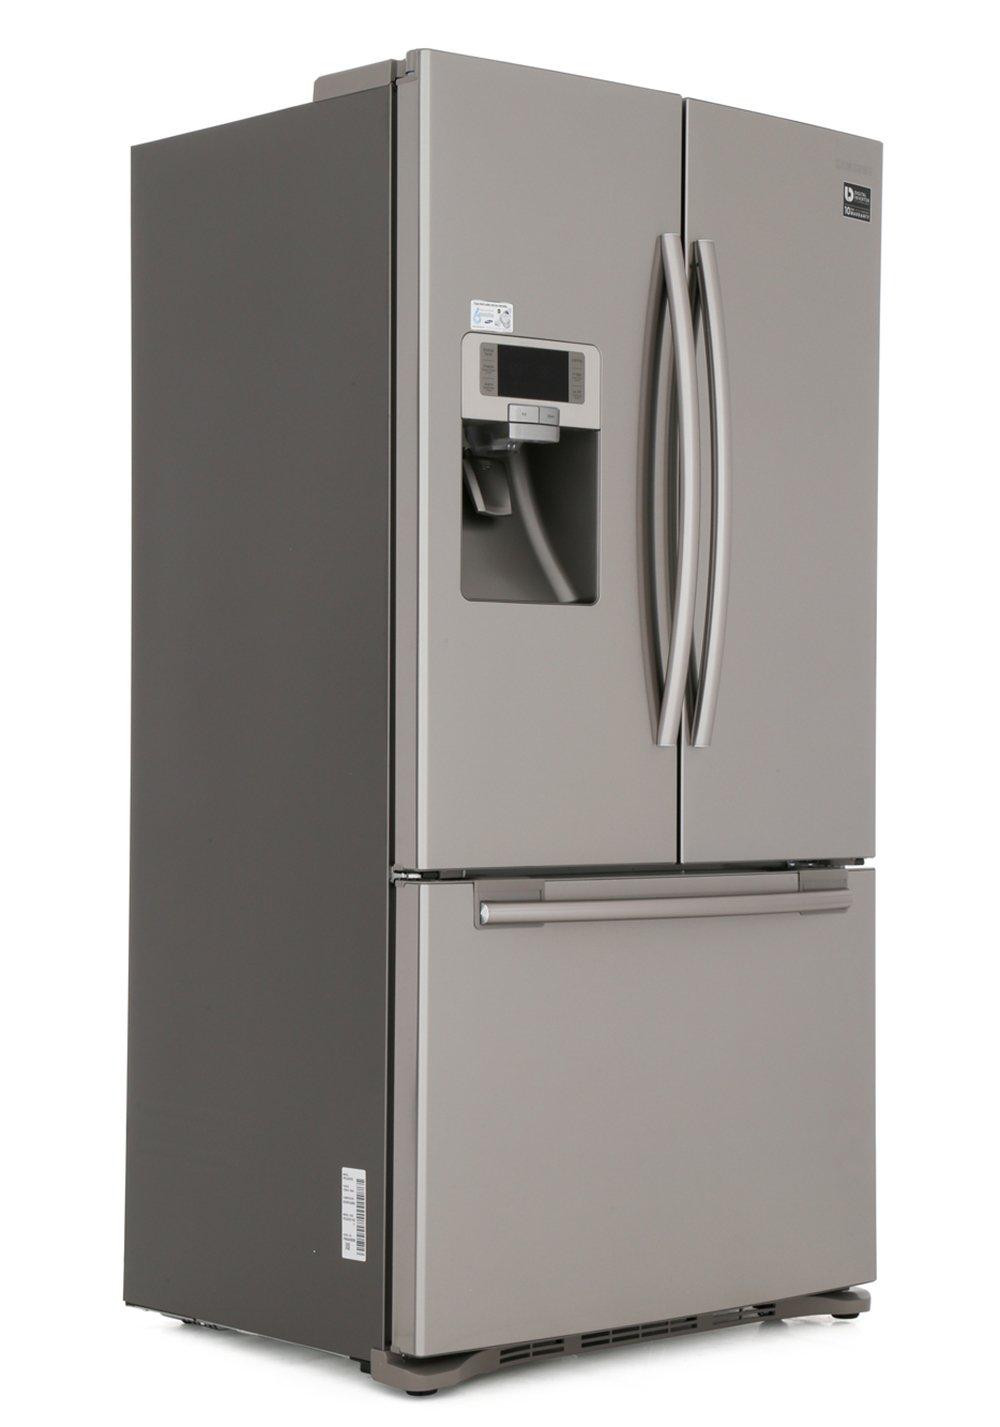 Samsung RFG23UERS Multi Door American Fridge Freezer